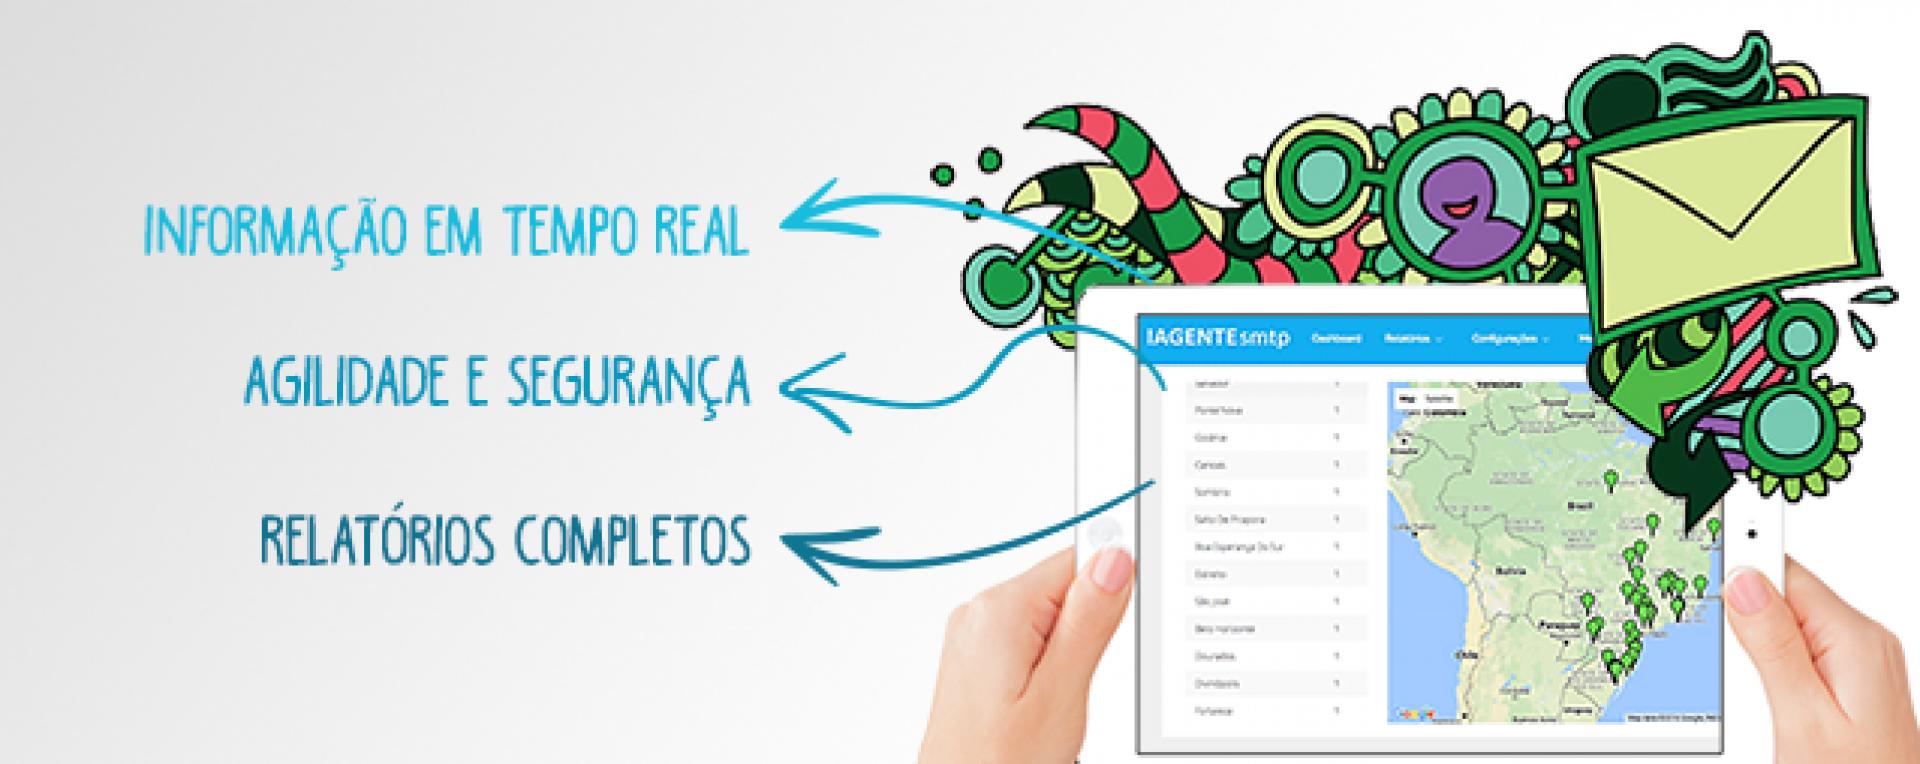 IAGENTEsmtp: nova solução para envio e monitoramento de e-mails automatizados